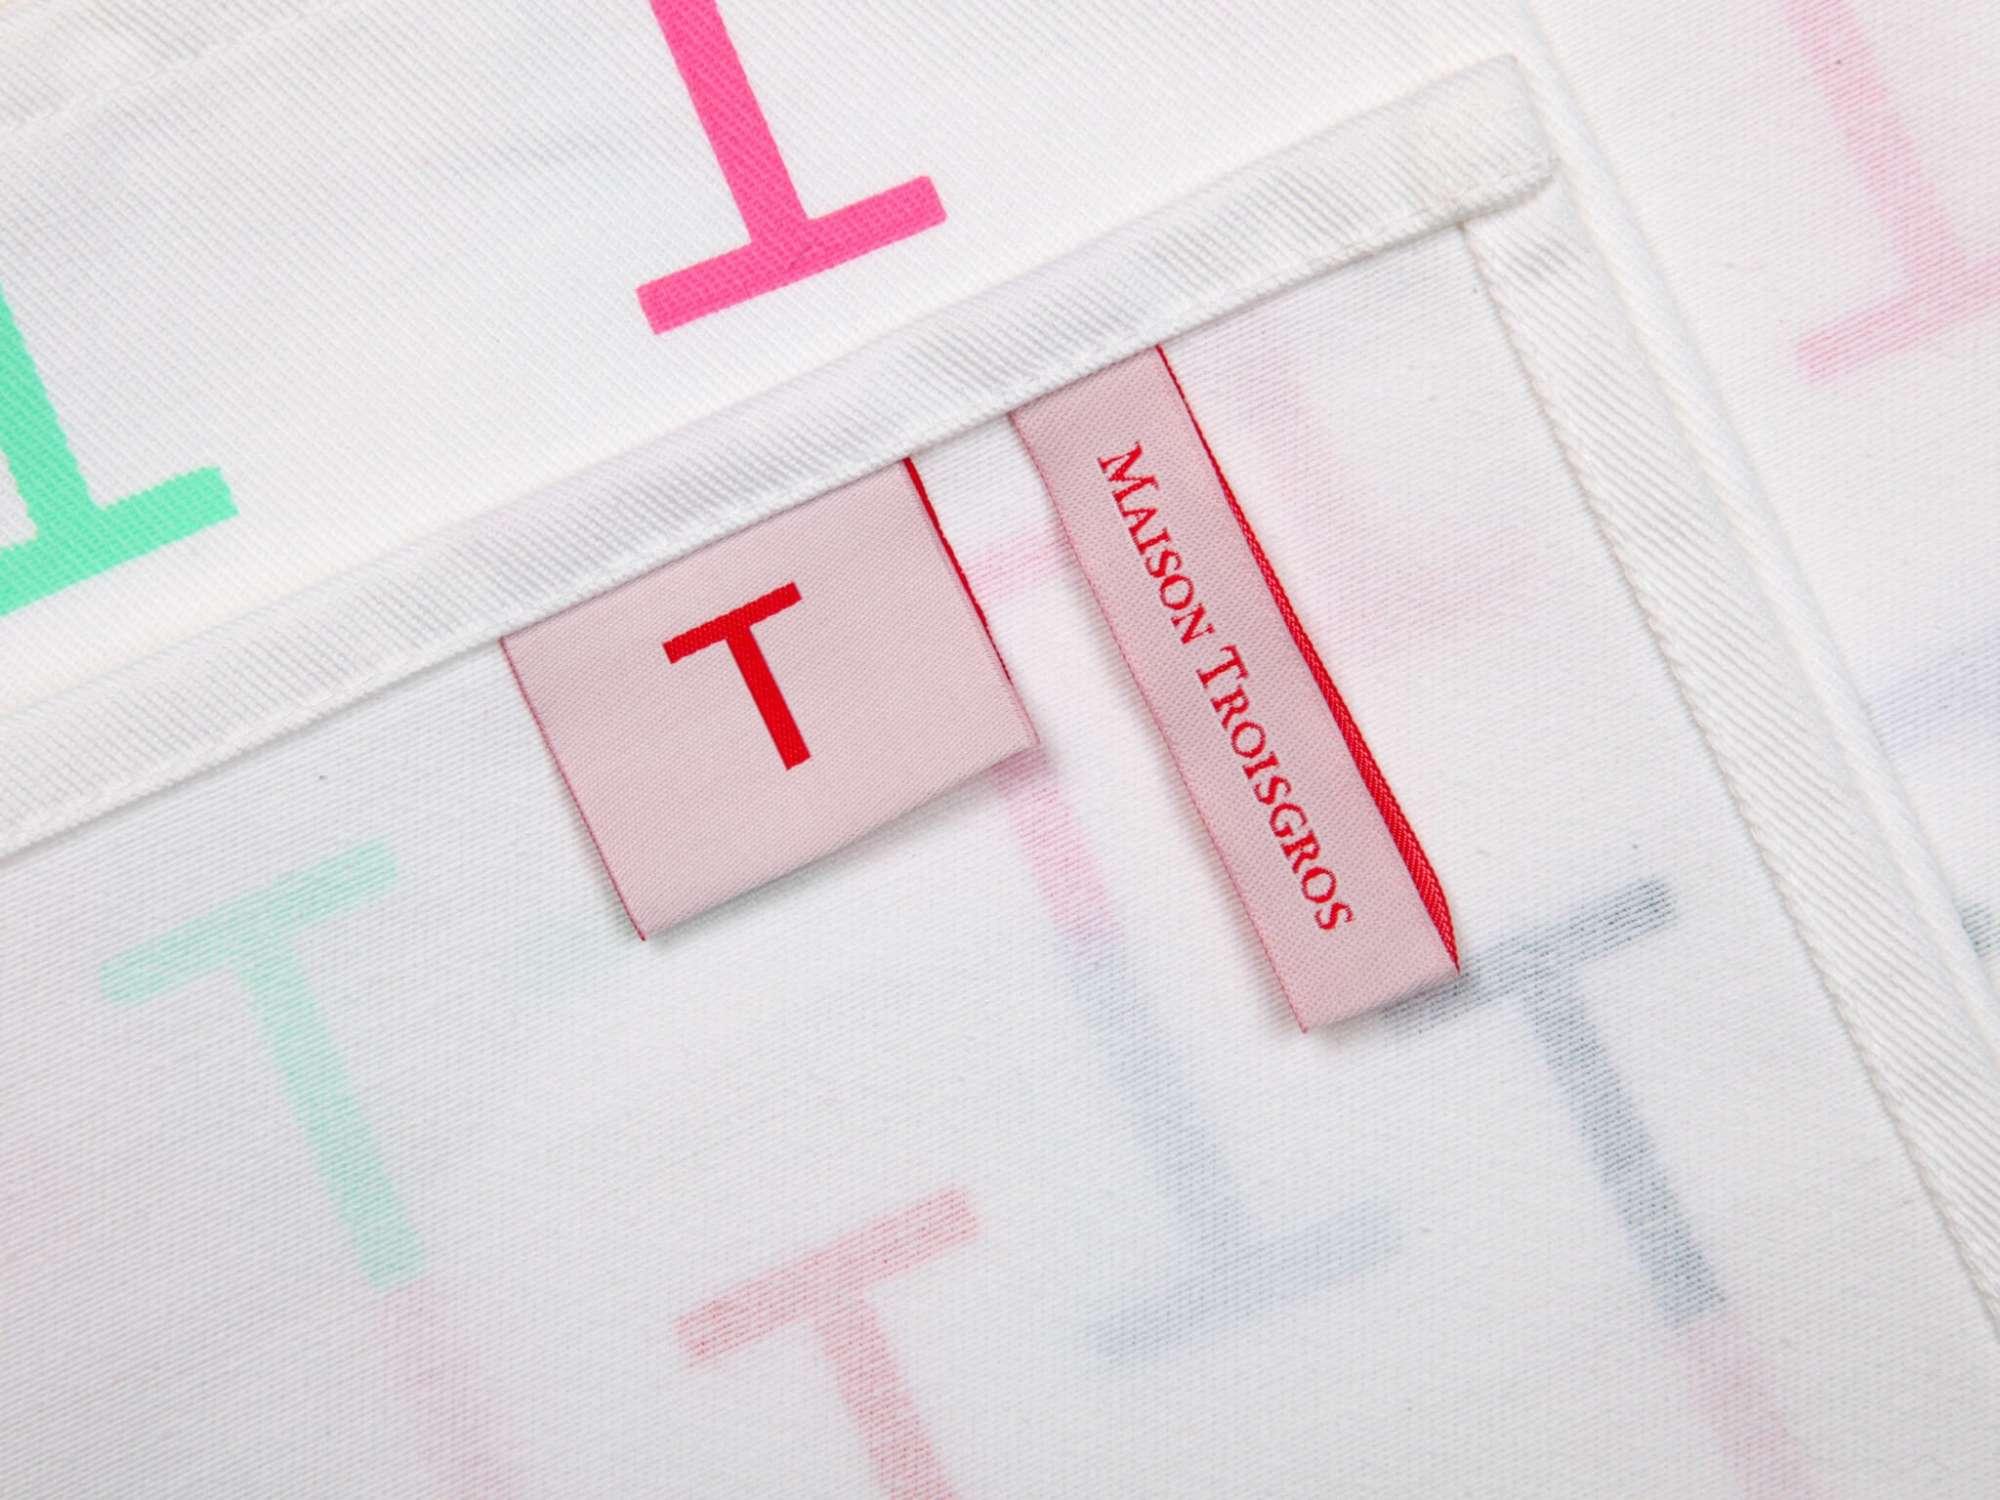 détail du torchon multicolore Ich&Kar pour La maison Troisgros